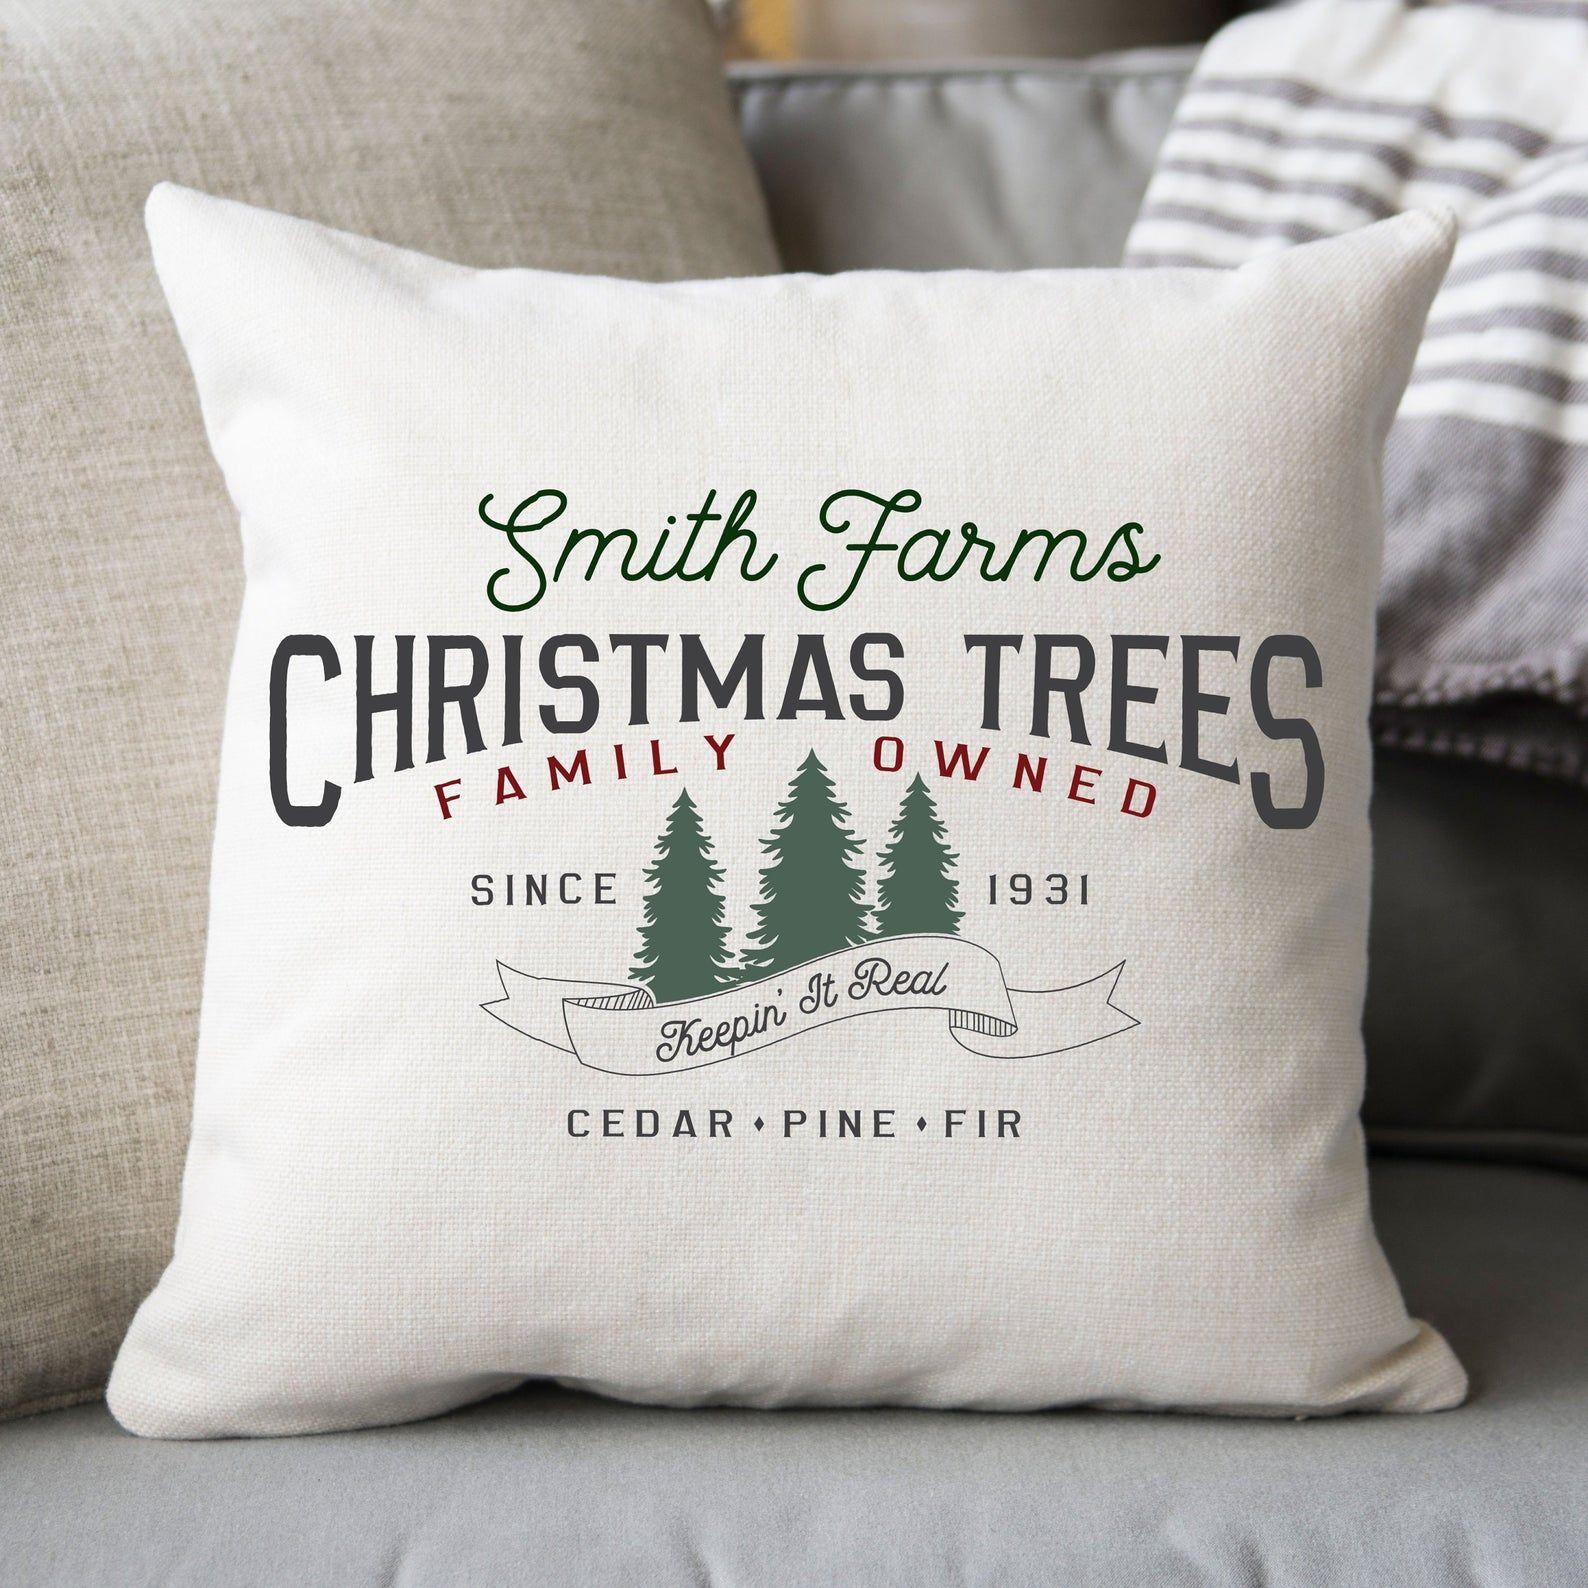 Family Tree Farm Throw Pillow Holiday